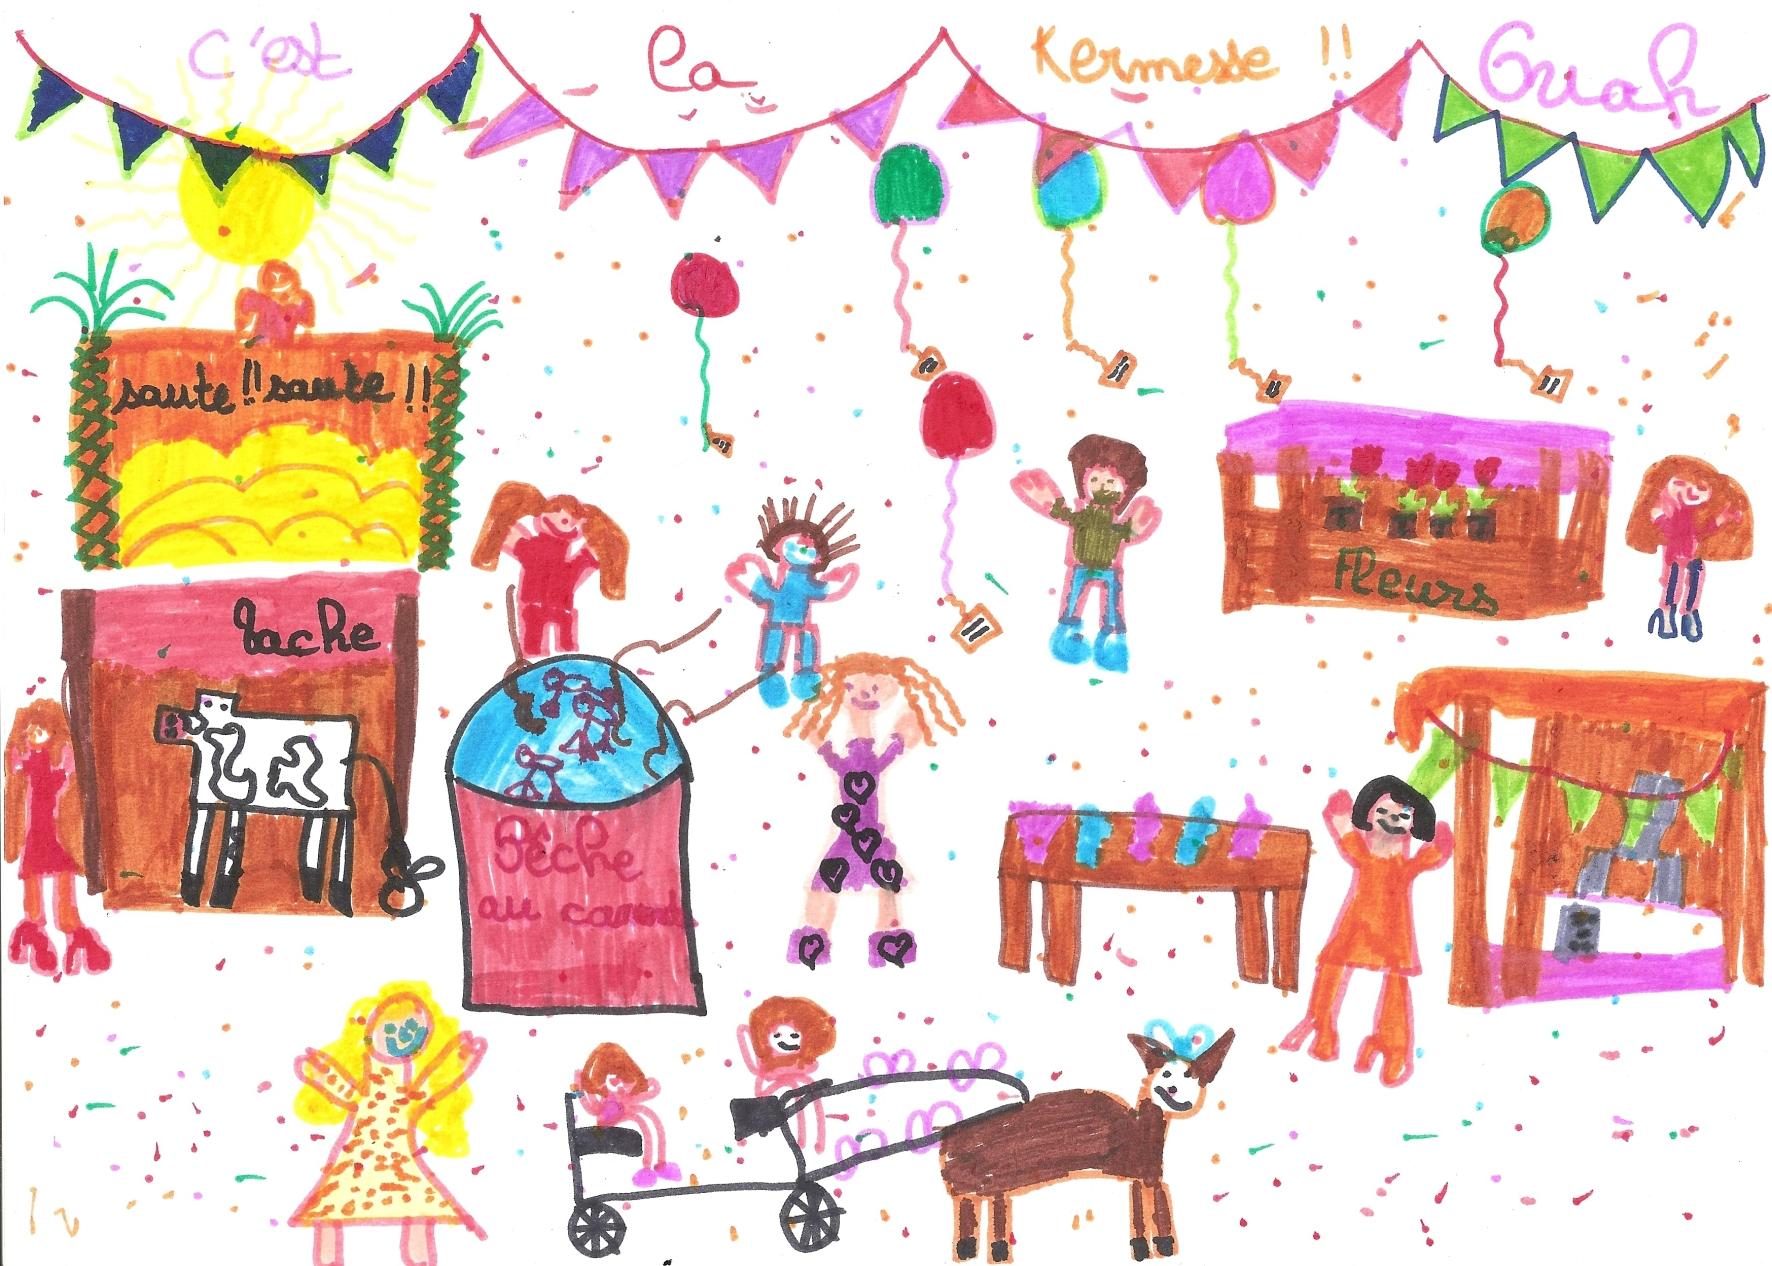 Kermesse blog de l 39 ape de l 39 cole publique de bourg blanc - Kermesse dessin ...